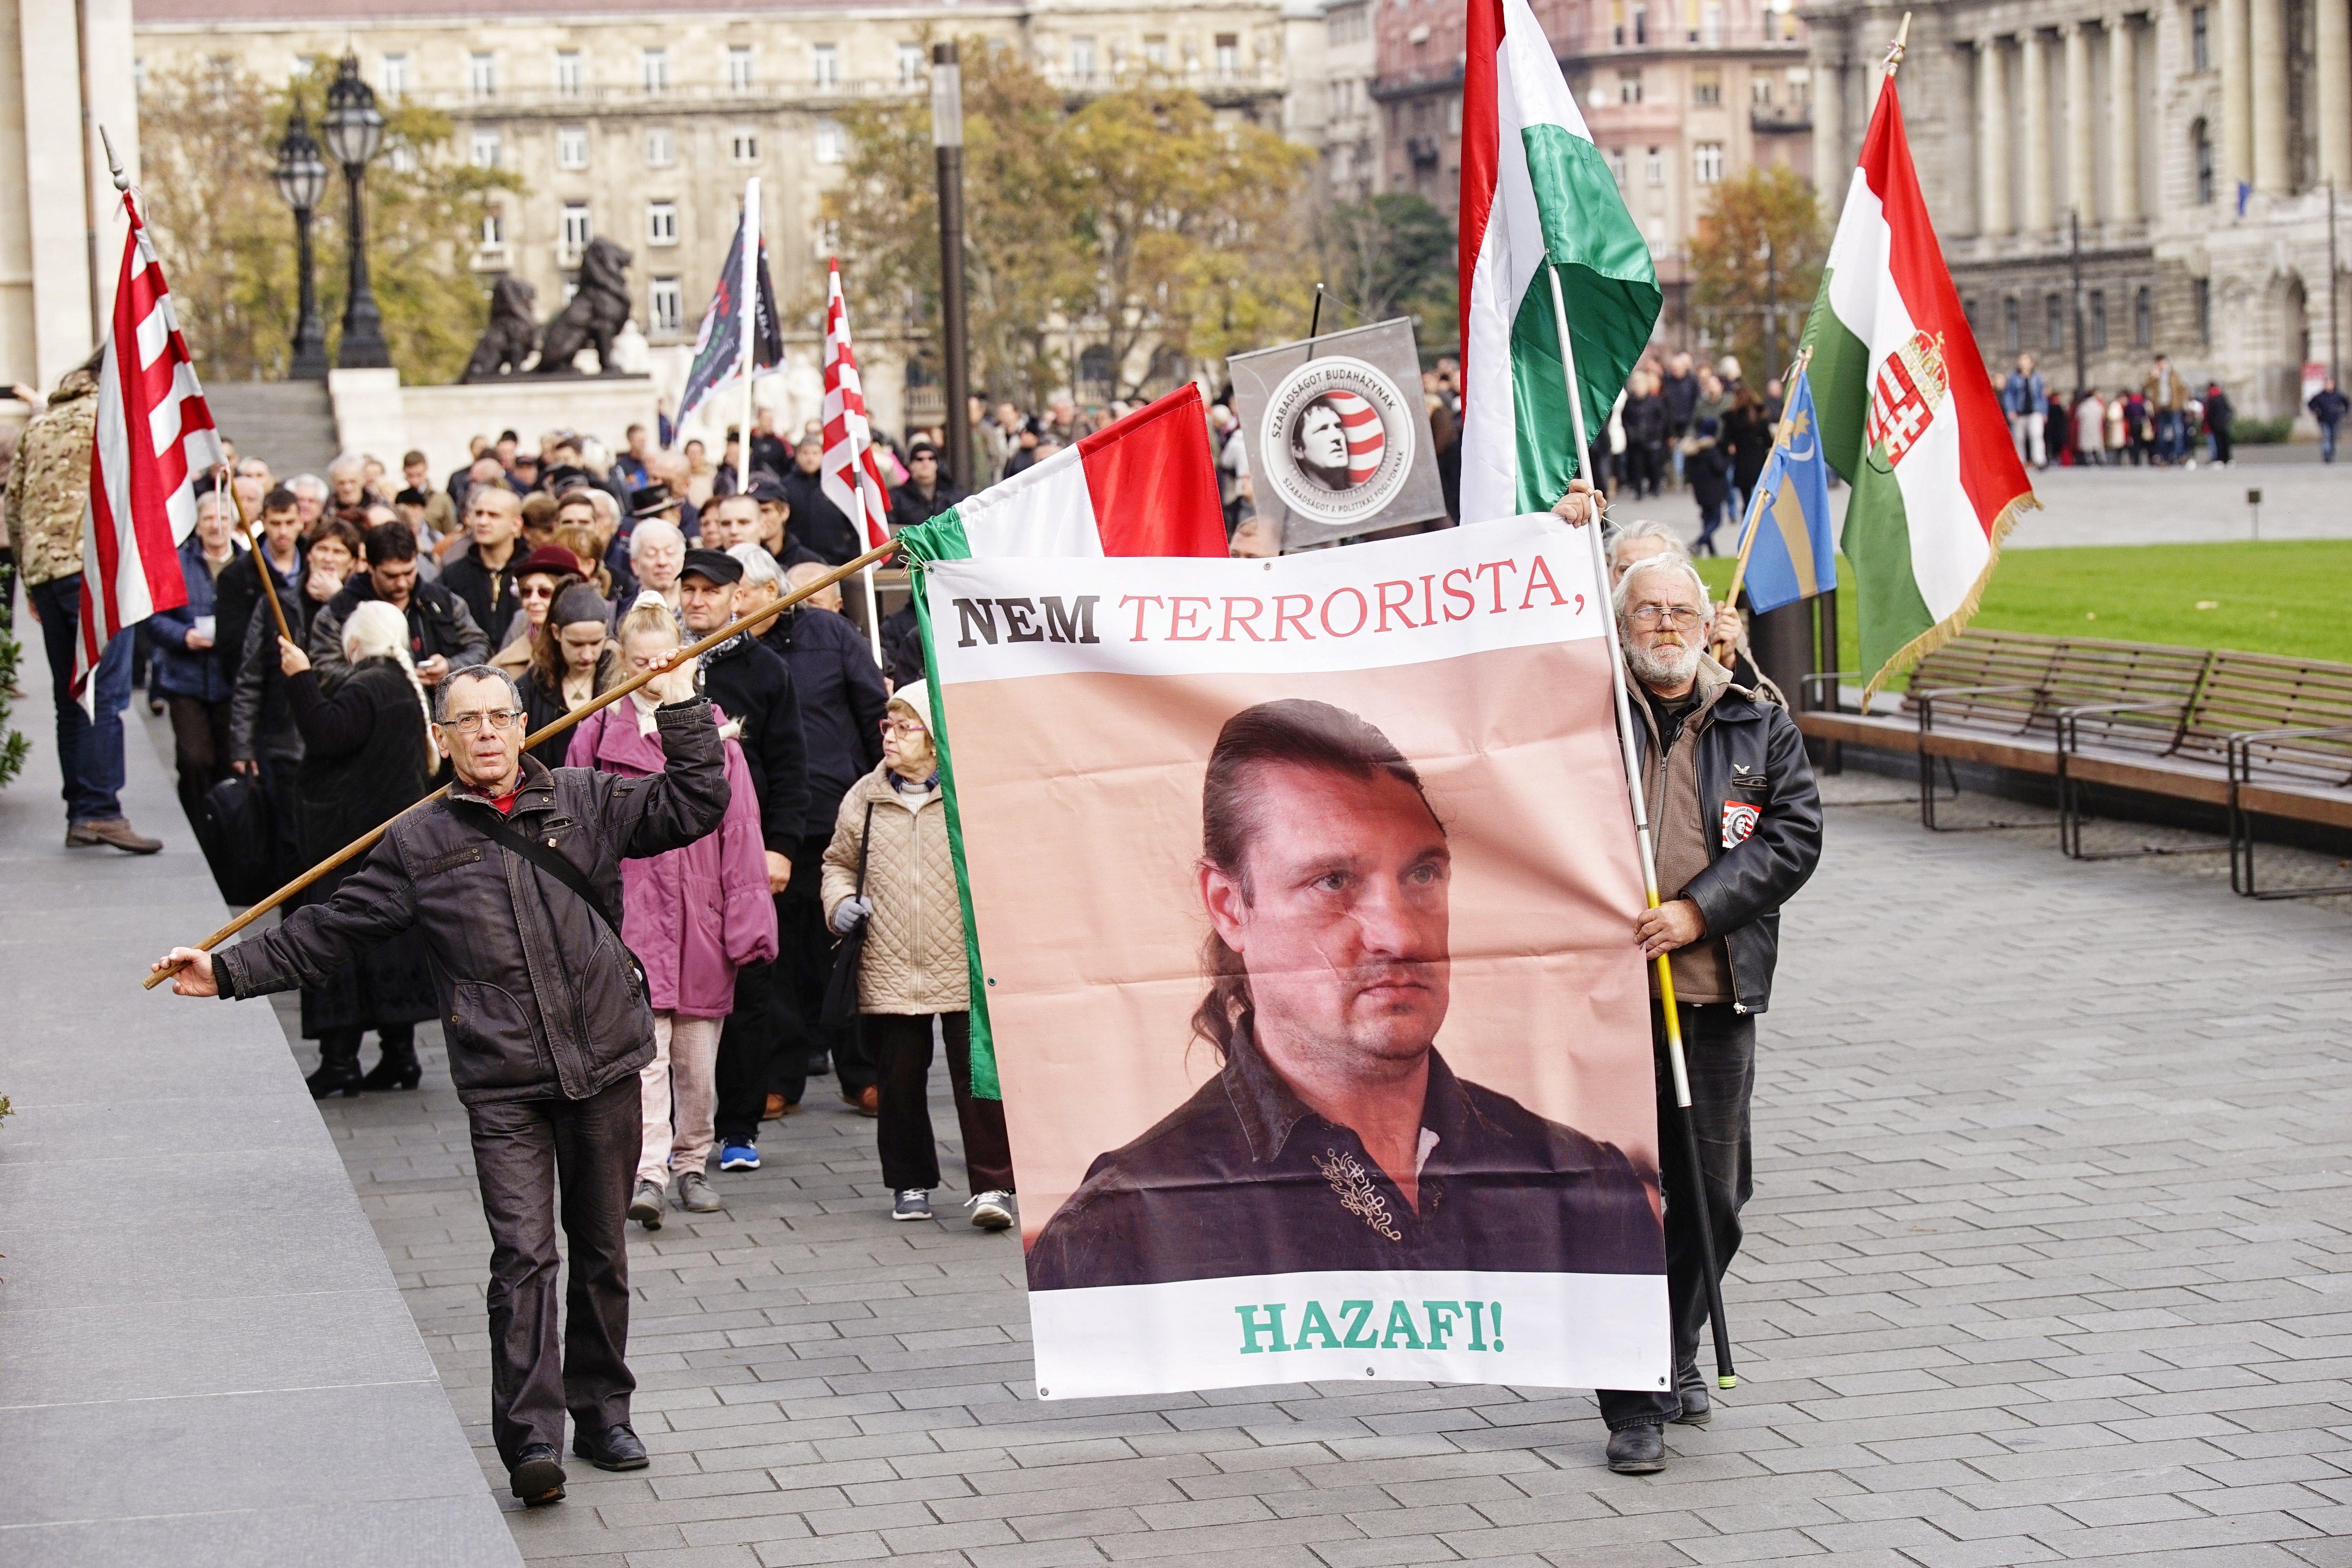 Budaházy és társai szabadságáért vonultak a Kossuth téren